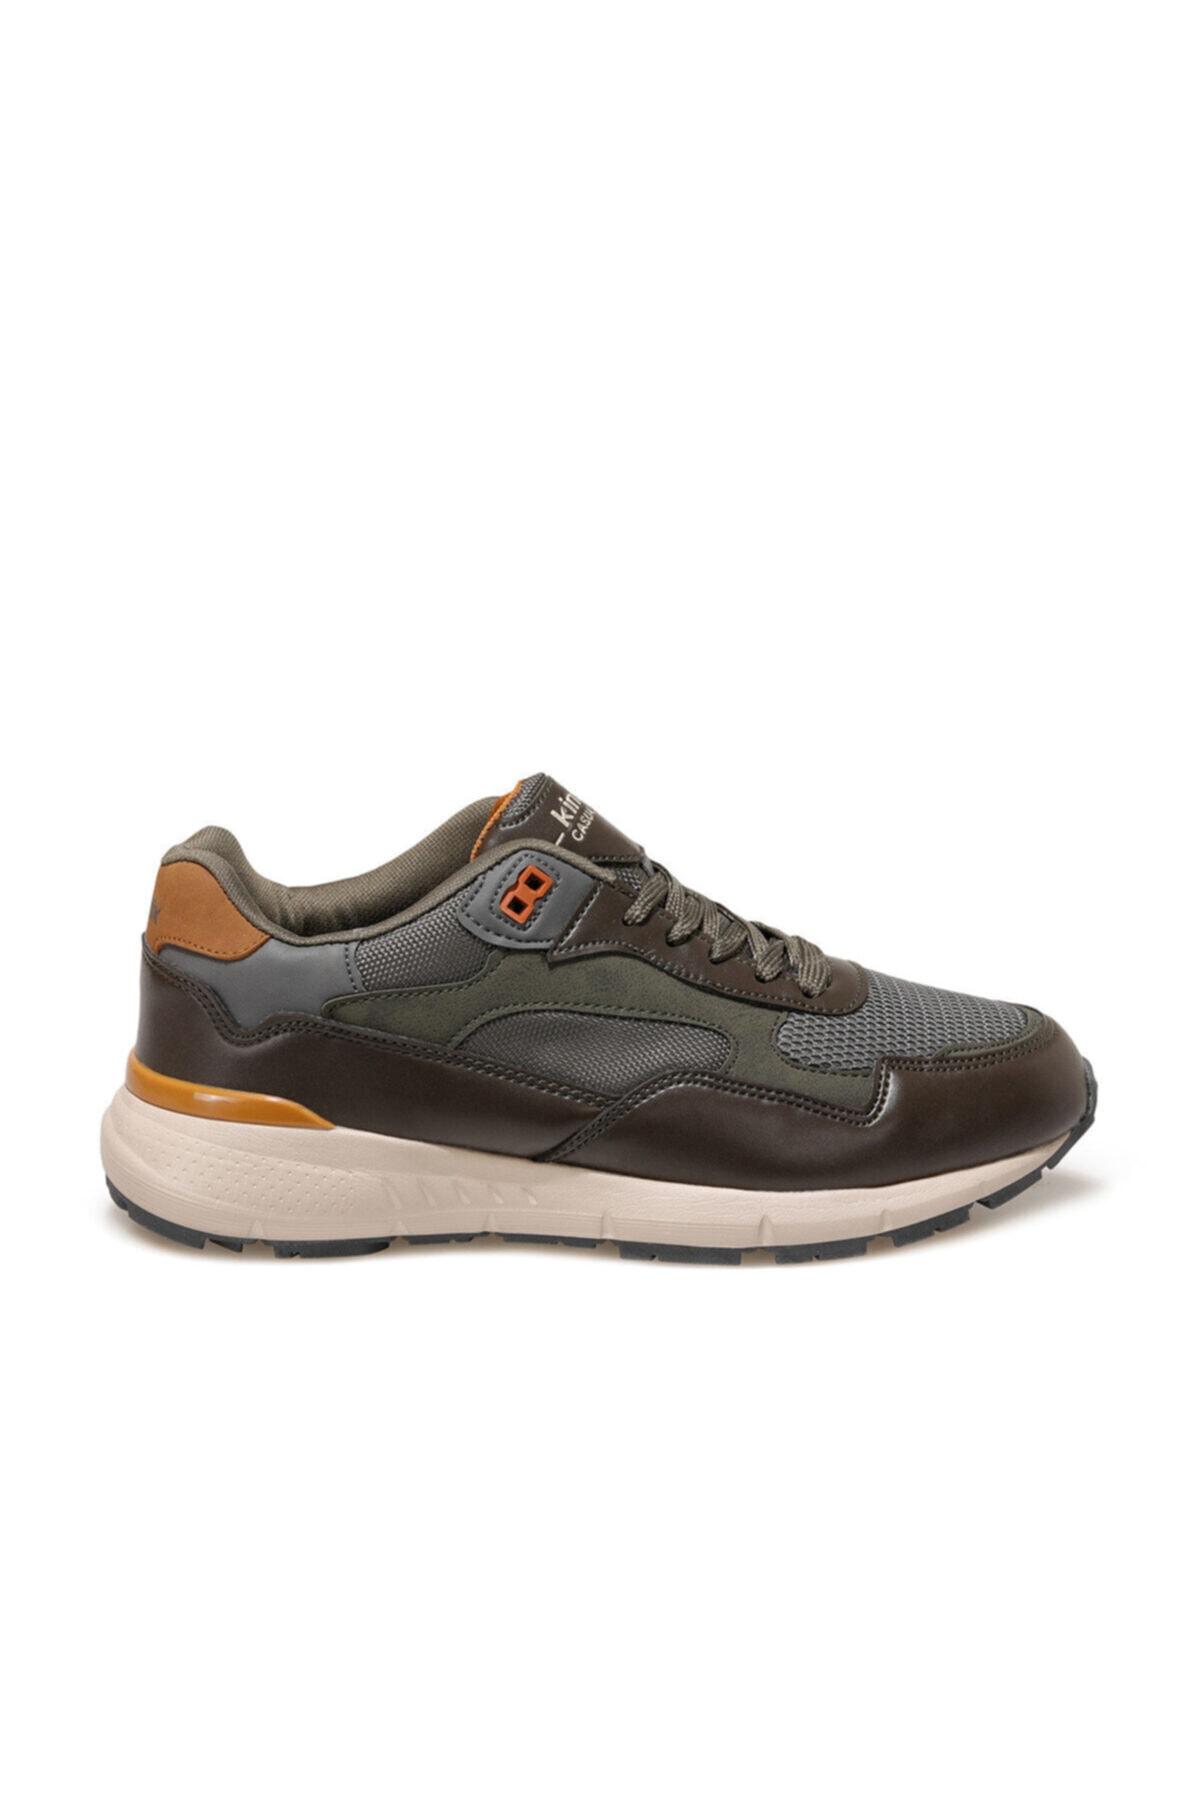 Kinetix GRAFY Haki Erkek Ayakkabı 100540827 2